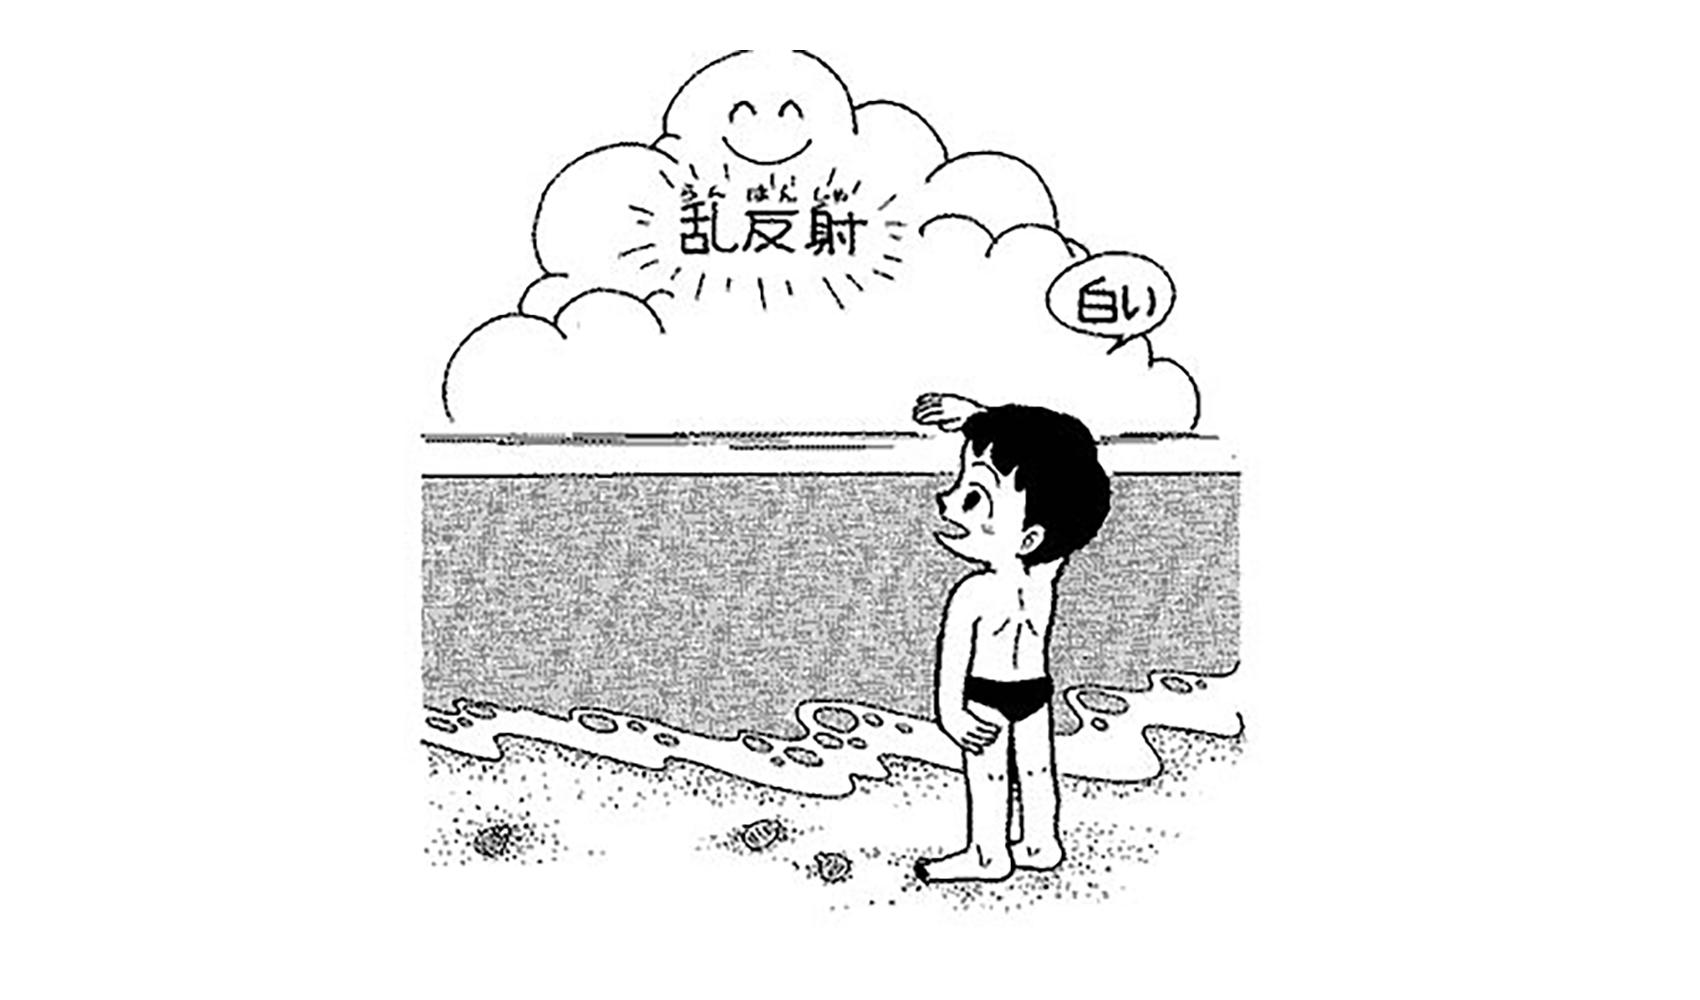 雲はどうして白いの